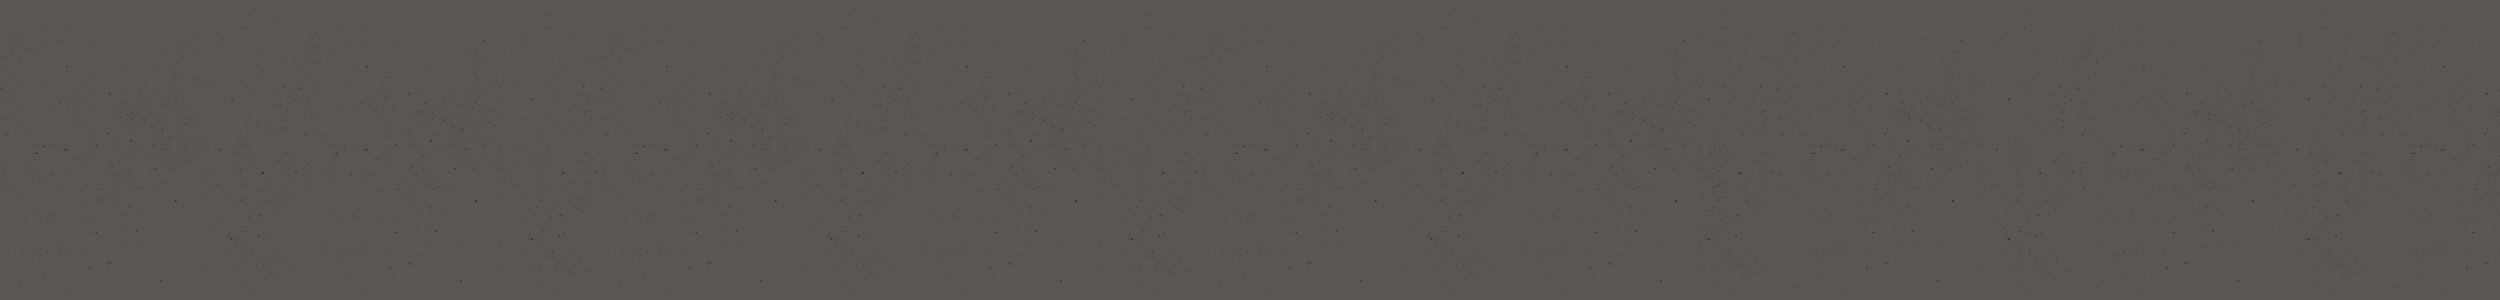 divider01.jpg